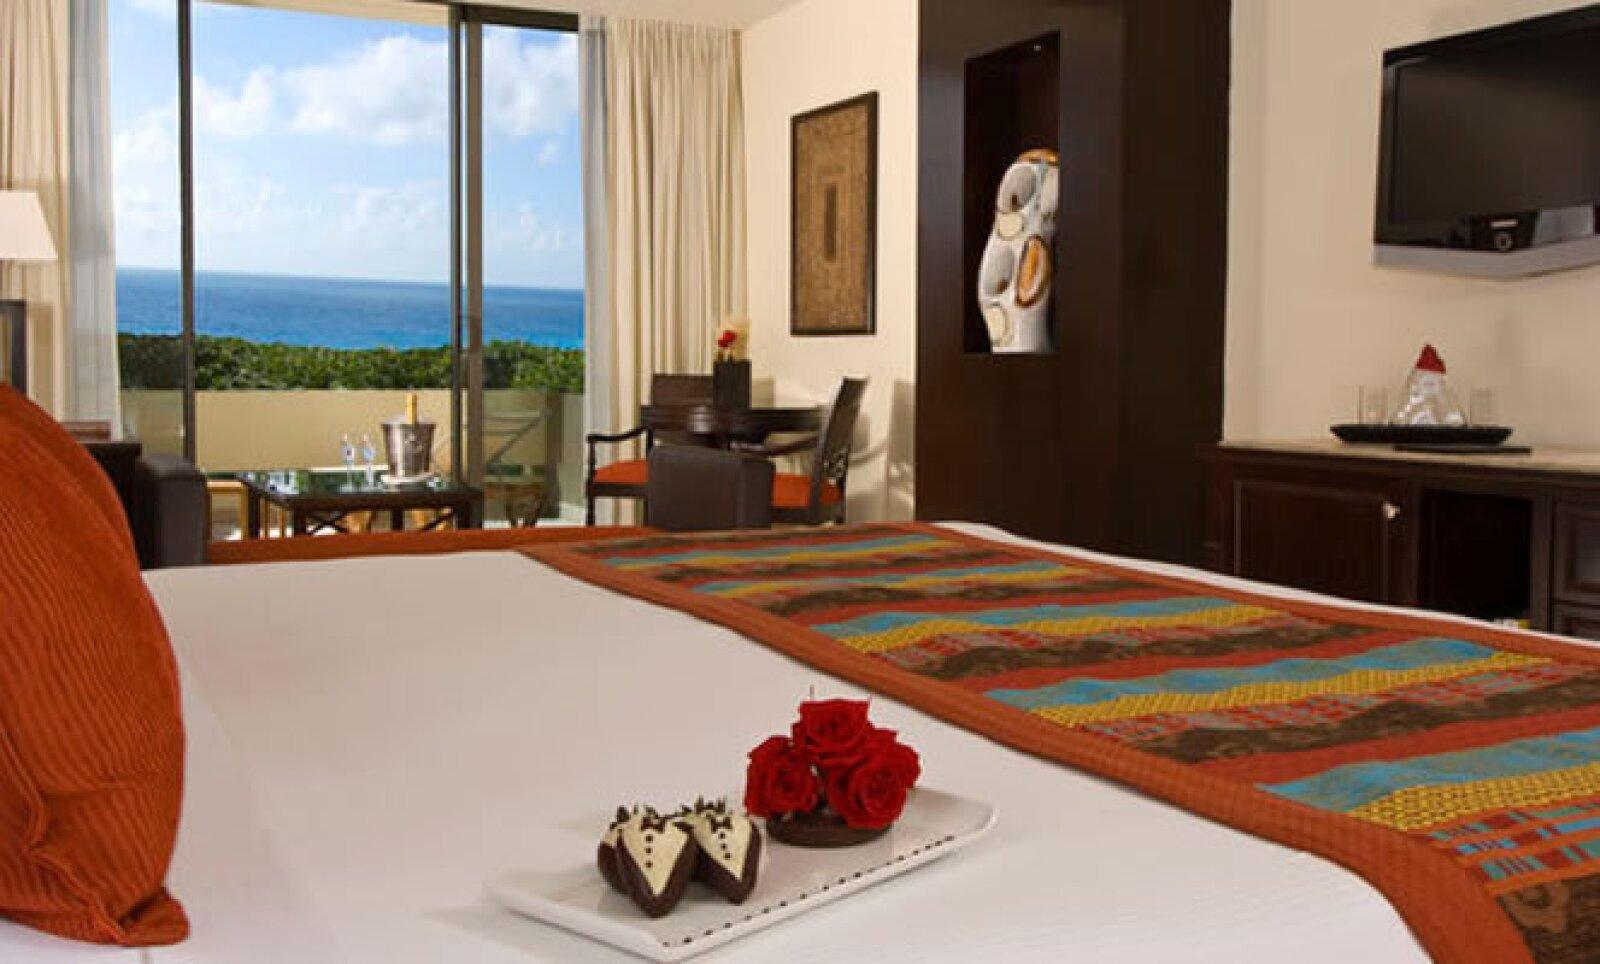 Este espacio está considerado como un concepto de 'hotel boutique' ubicado al interior de una torre privada dentro del hotel Gran Meliá Cancún.